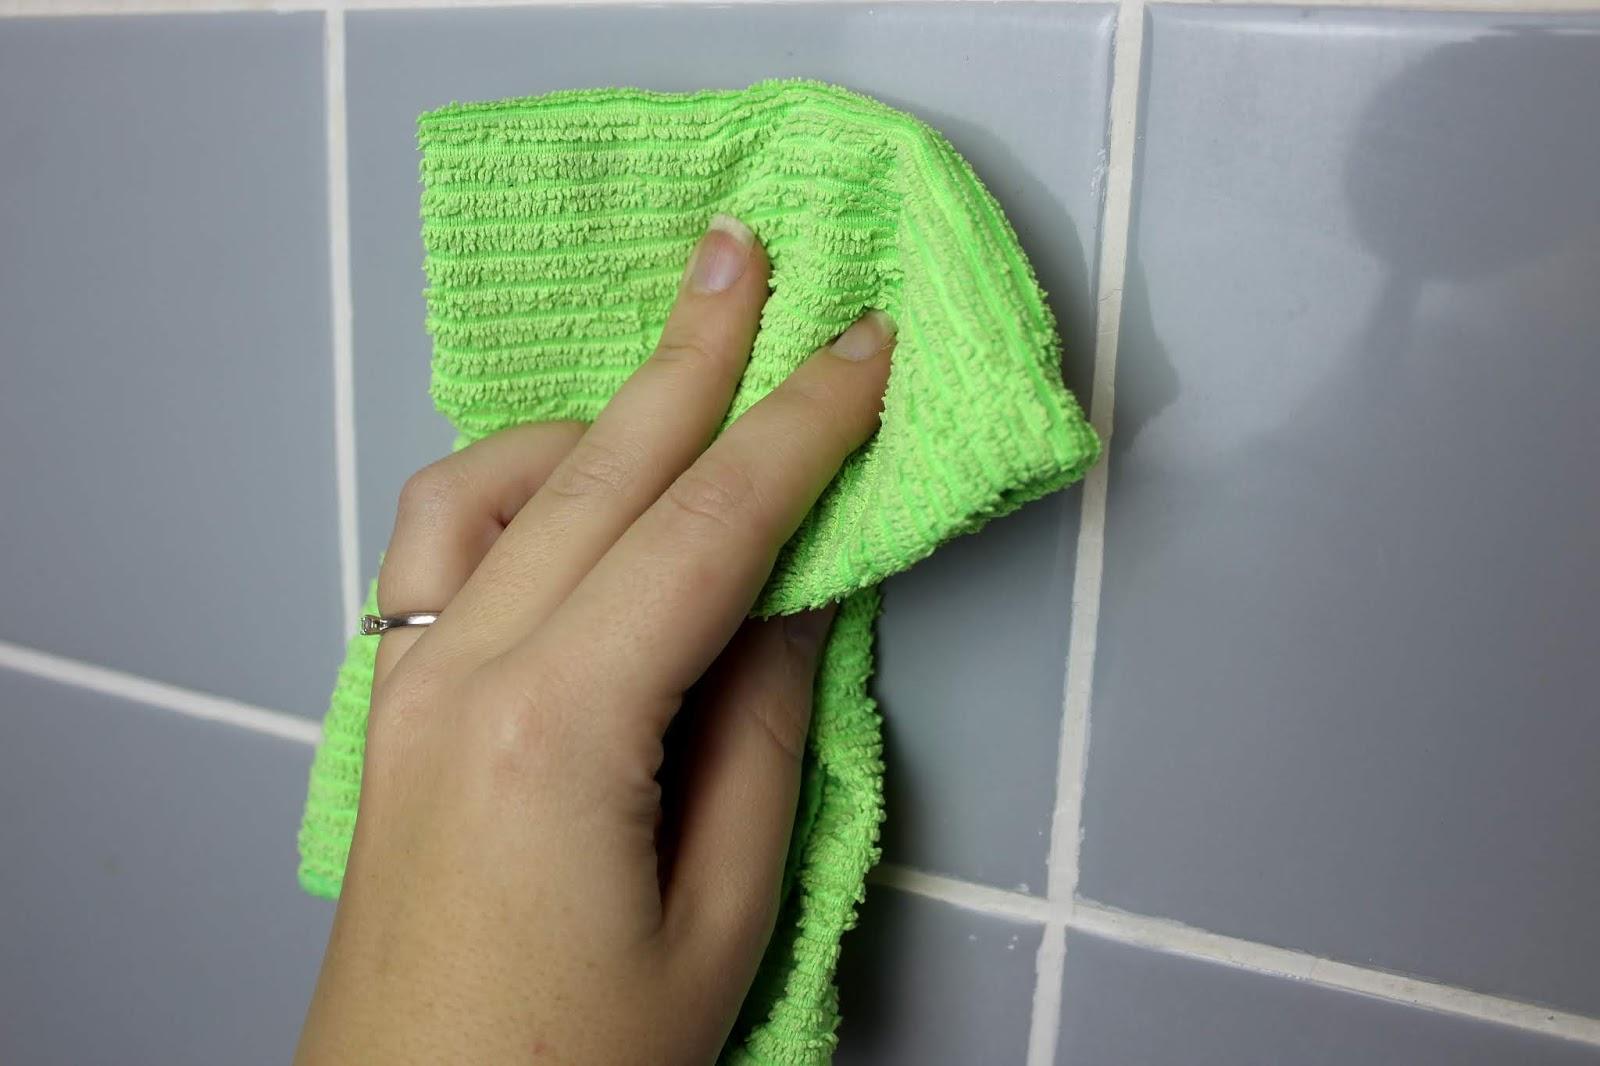 DIY Badezimmer Make Over - einfaches Recylcing mit der SCHÖNER-WOHNEN pep up Renovierfarbe für Fliesen